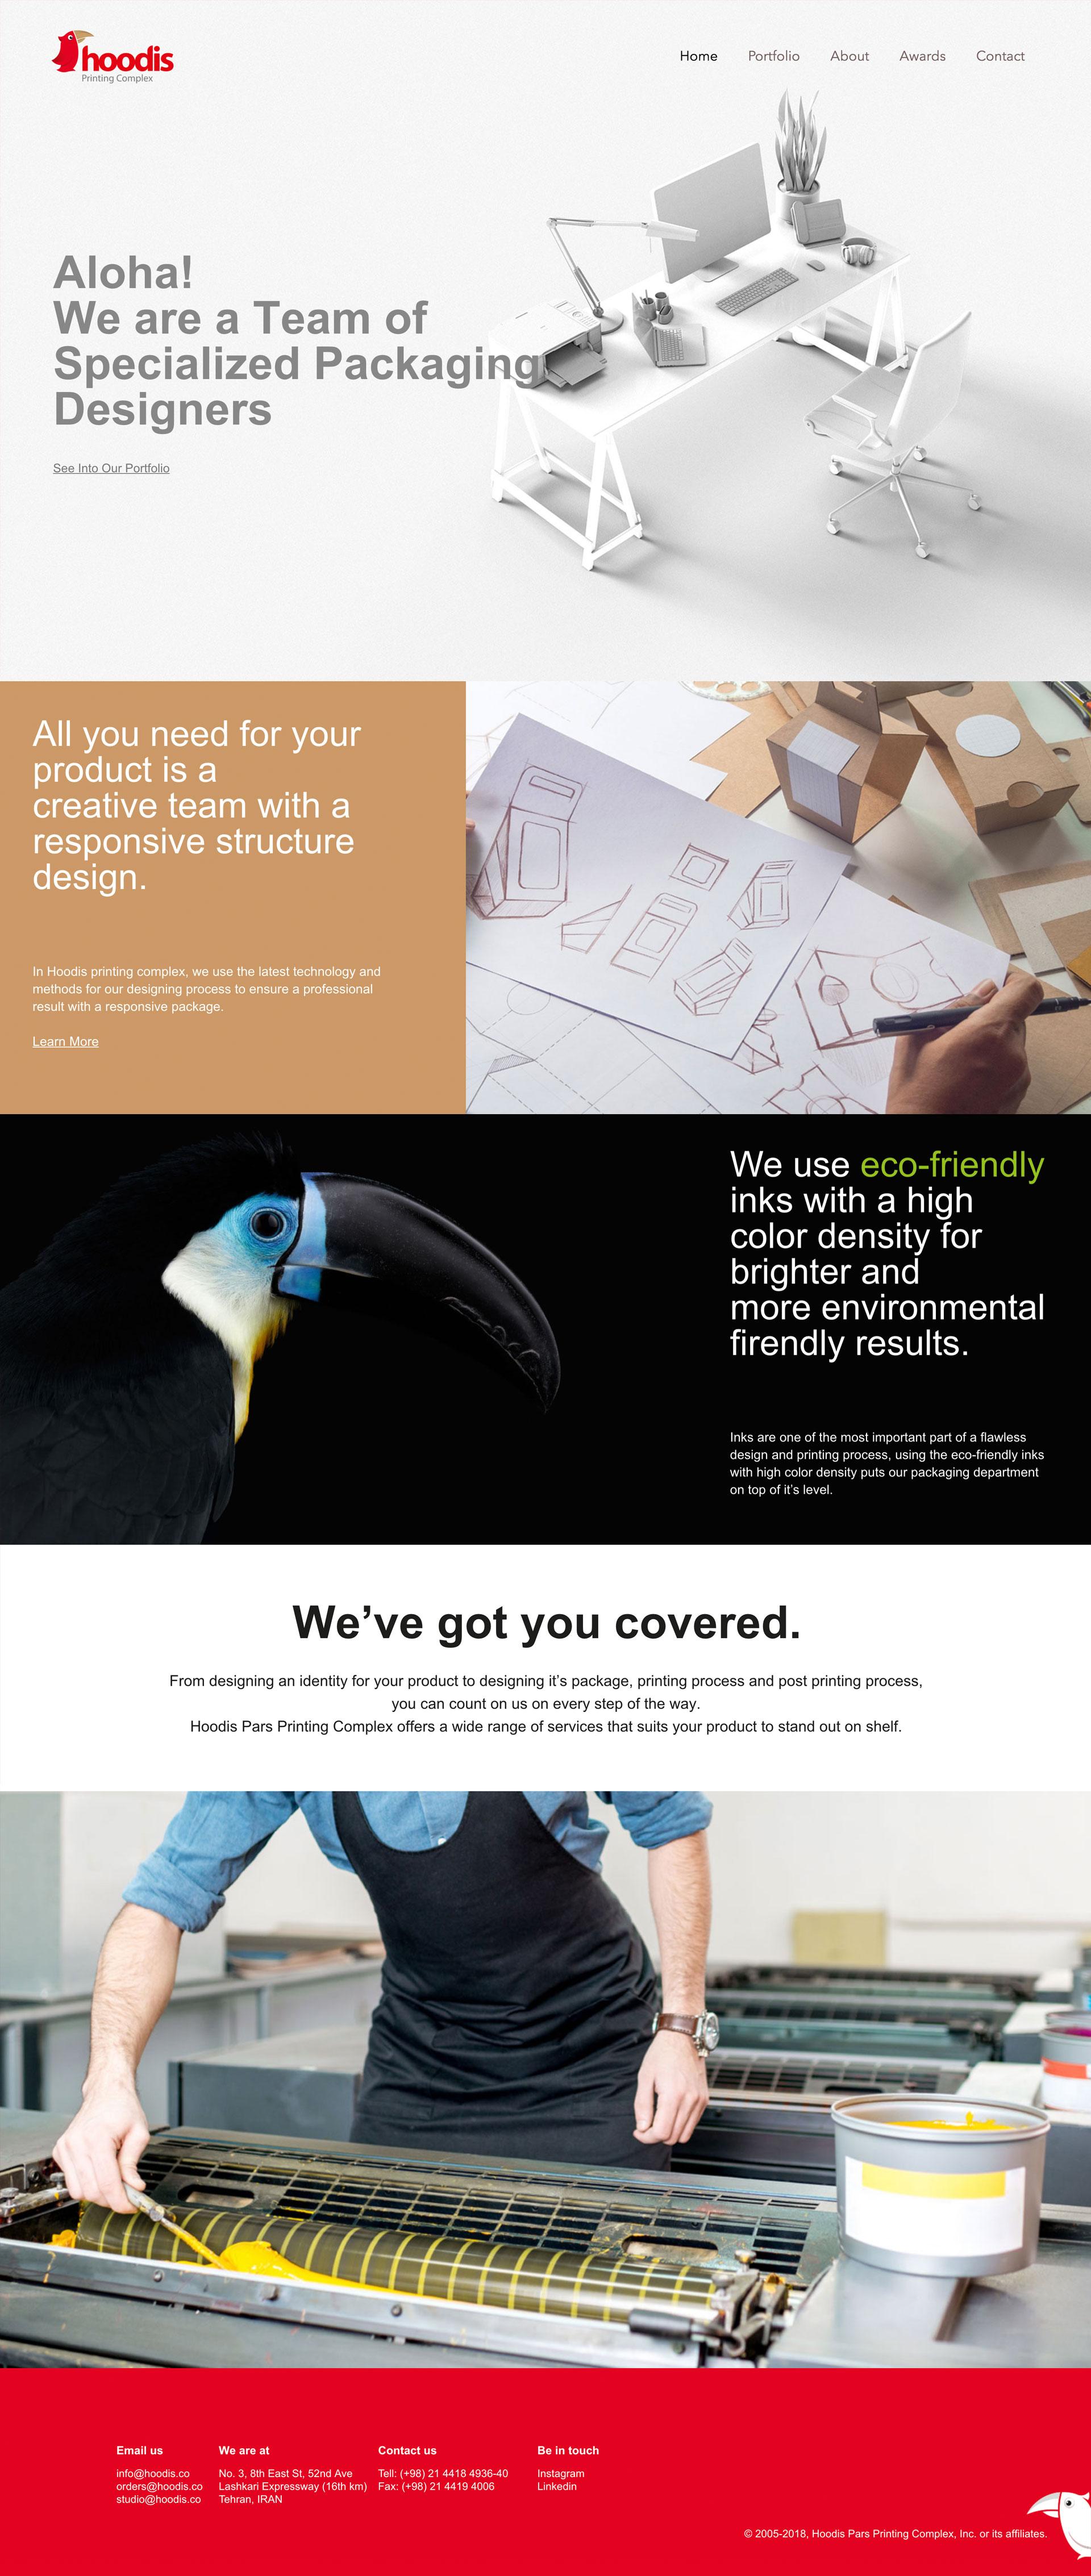 نمونه کار طراحی سایت مجتمع چاپ هودیس پارس